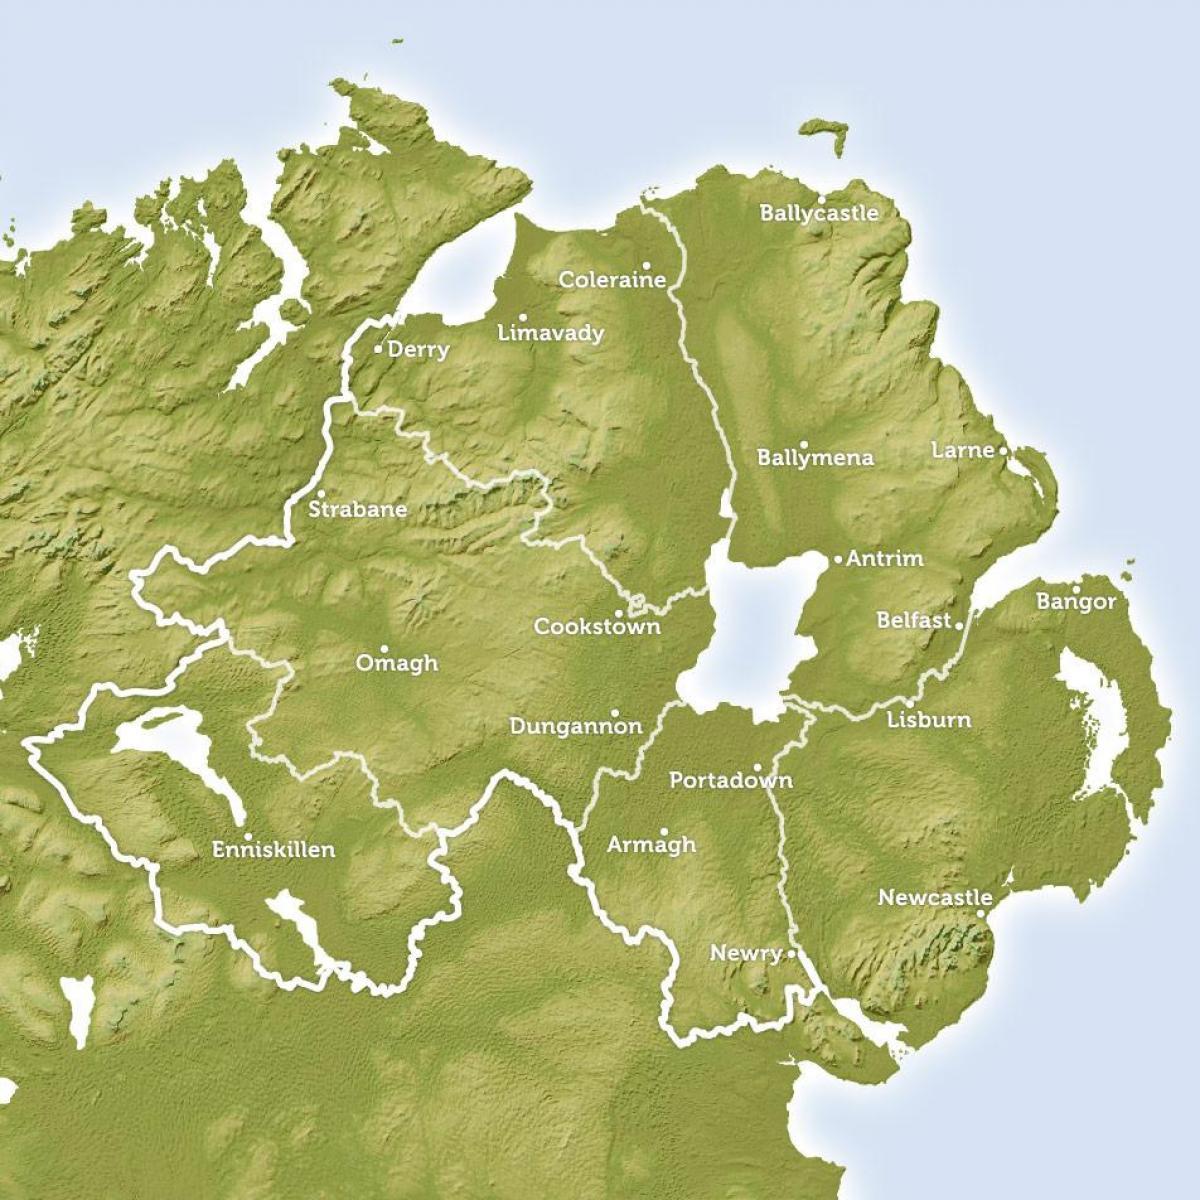 Alueellinen Kartta Pohjois Irlanti Kartta Alue Kartta Northern